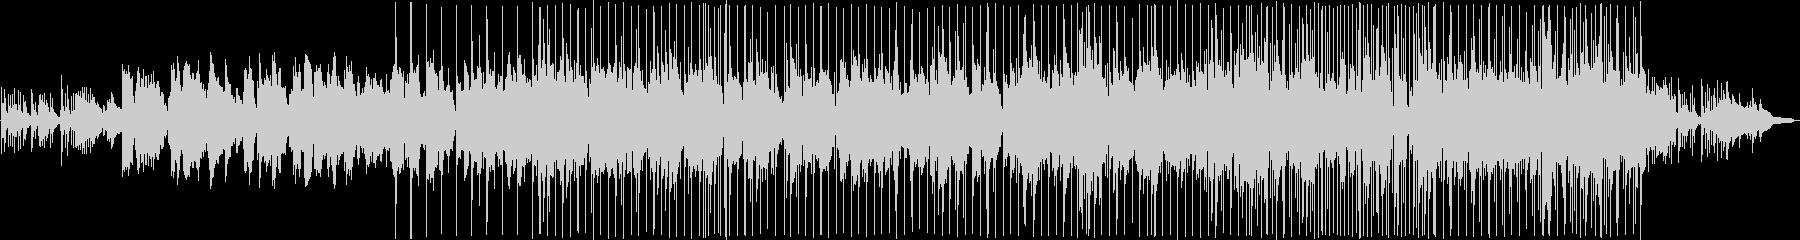 優しい雰囲気のバラード8の未再生の波形